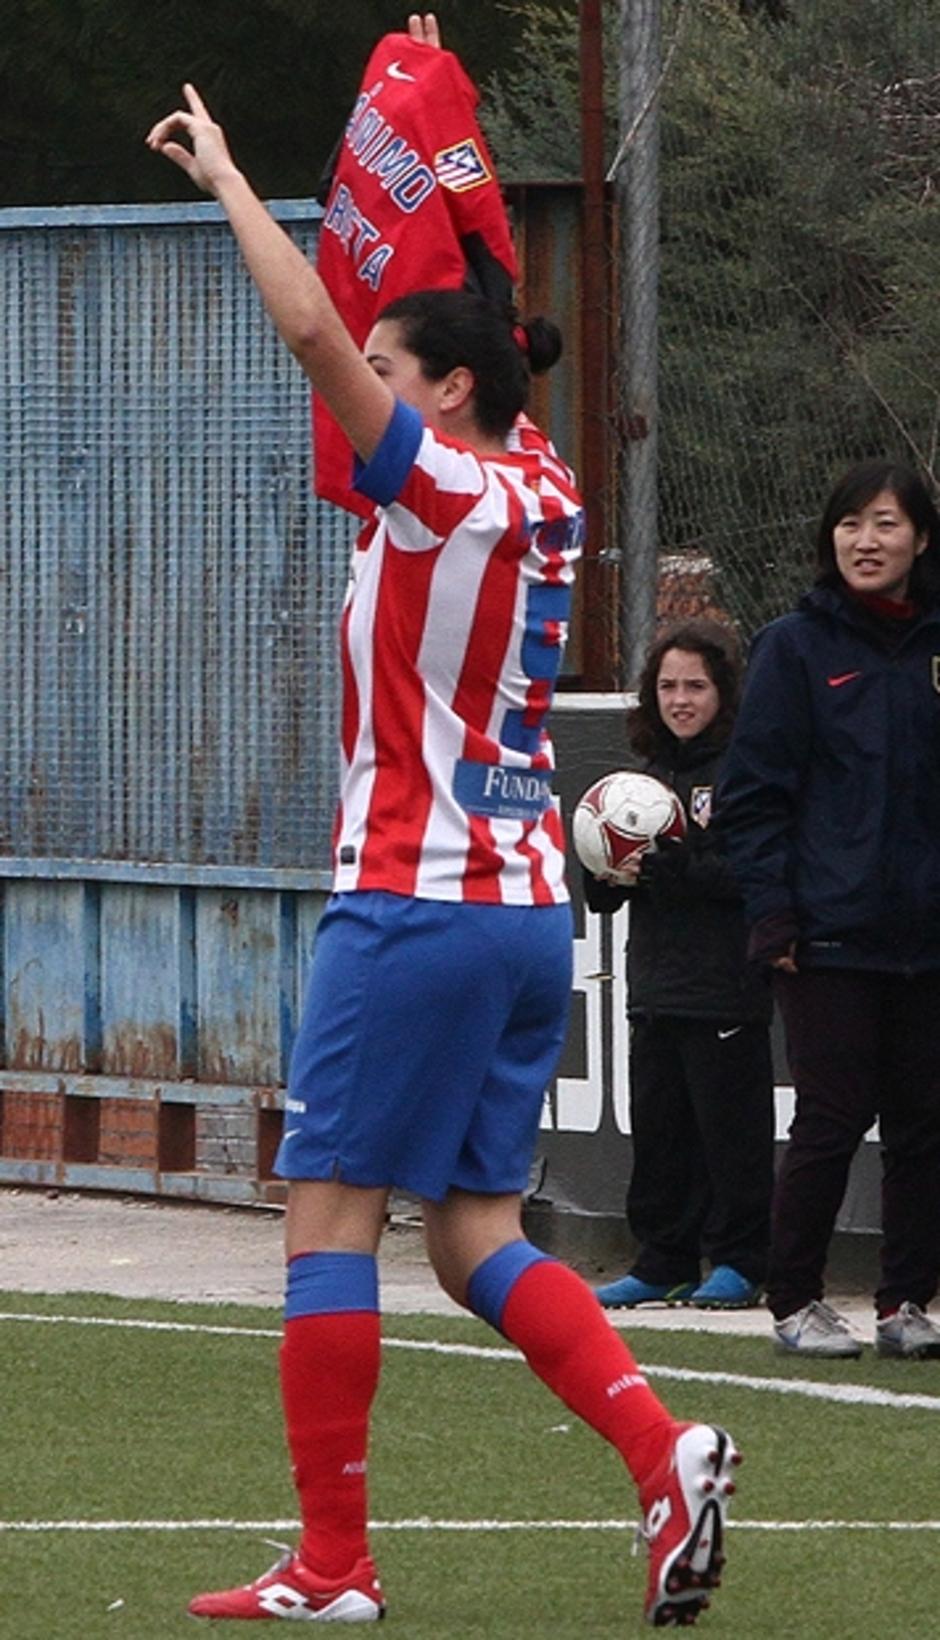 Temporada 2012-2013. Marta Carro apoyo a Marieta